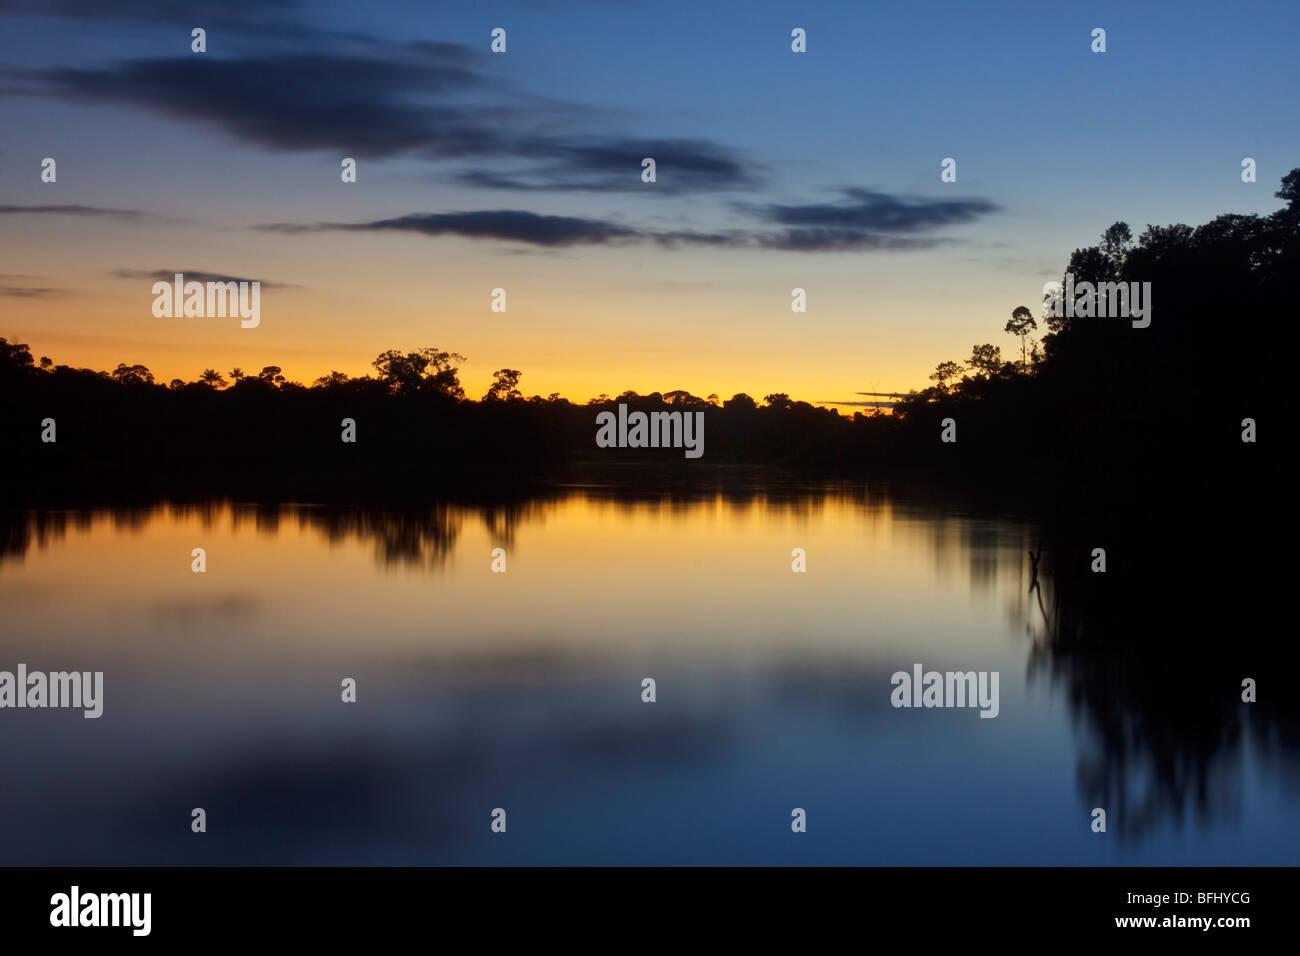 Le soleil se couche se terminant une autre belle journée en Amazonie. Photo Stock